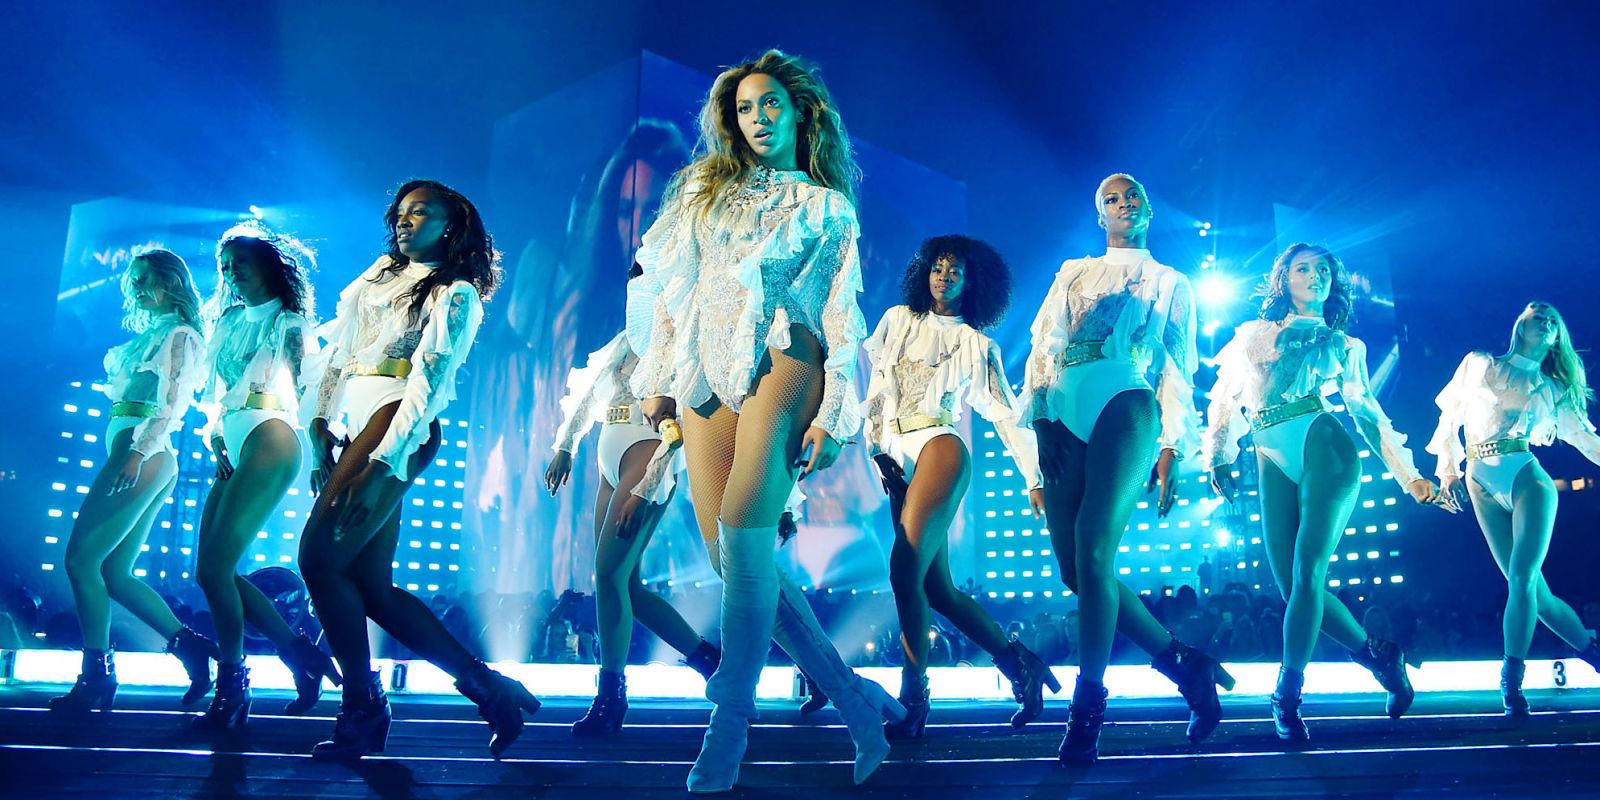 Lemonade Beyonce Tour Image